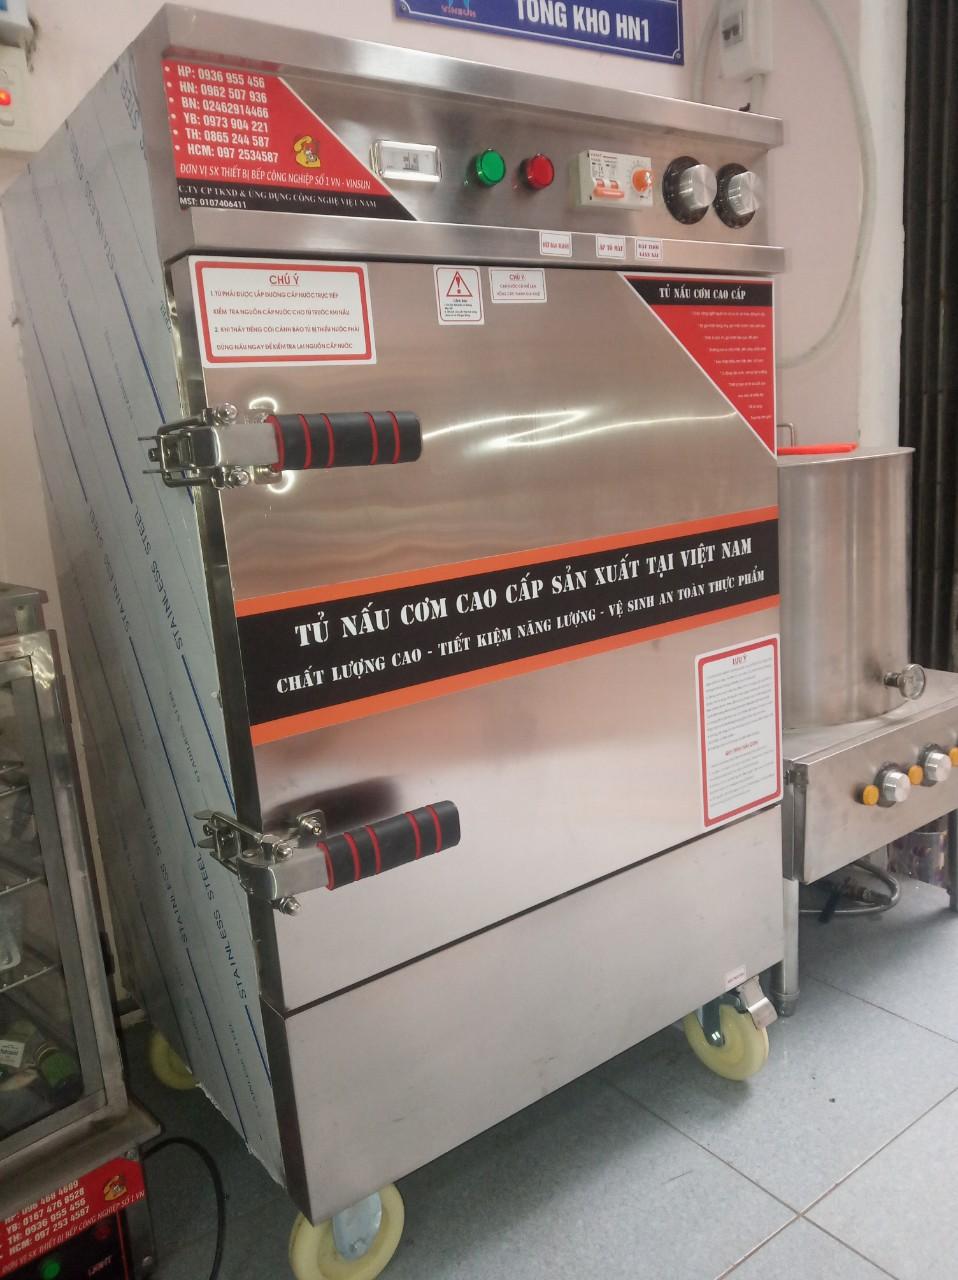 Tủ Nấu Cơm Điện Việt Nam 6 Khay Hẹn Giờ Nấu đến 25Kg Gạo